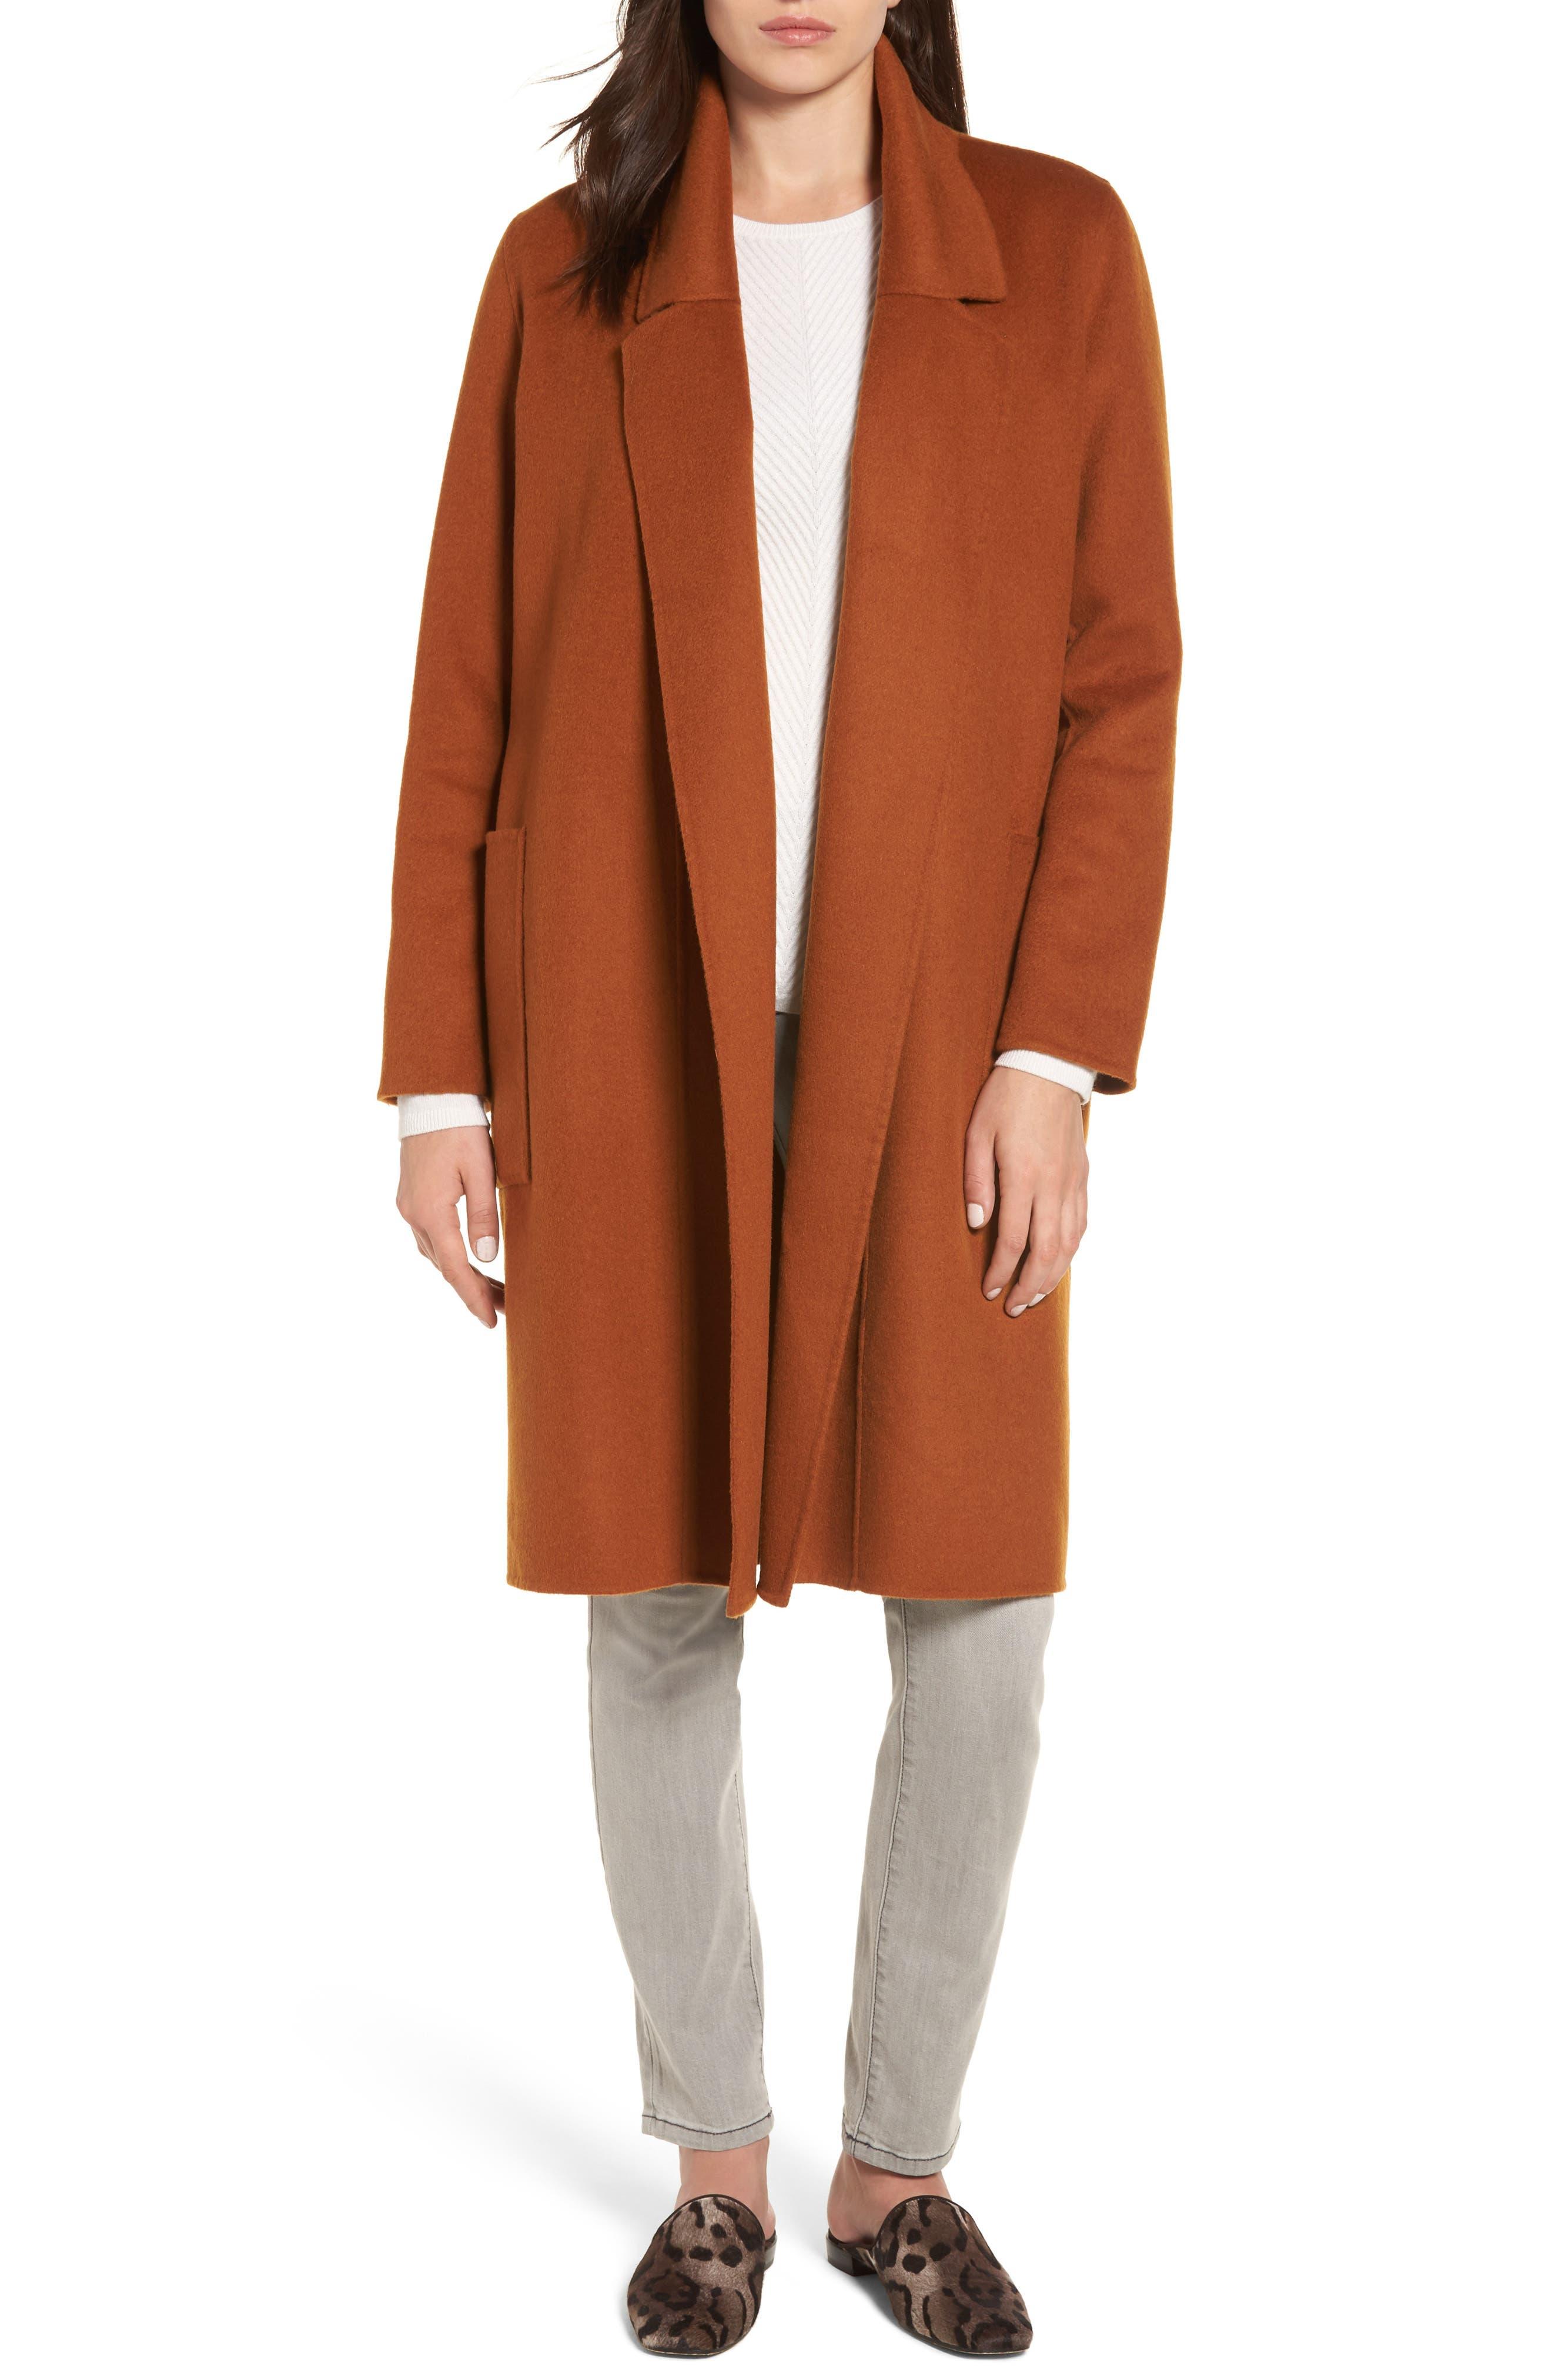 Ellie Notch Wool & Cashmere Duster Coat,                             Main thumbnail 1, color,                             200